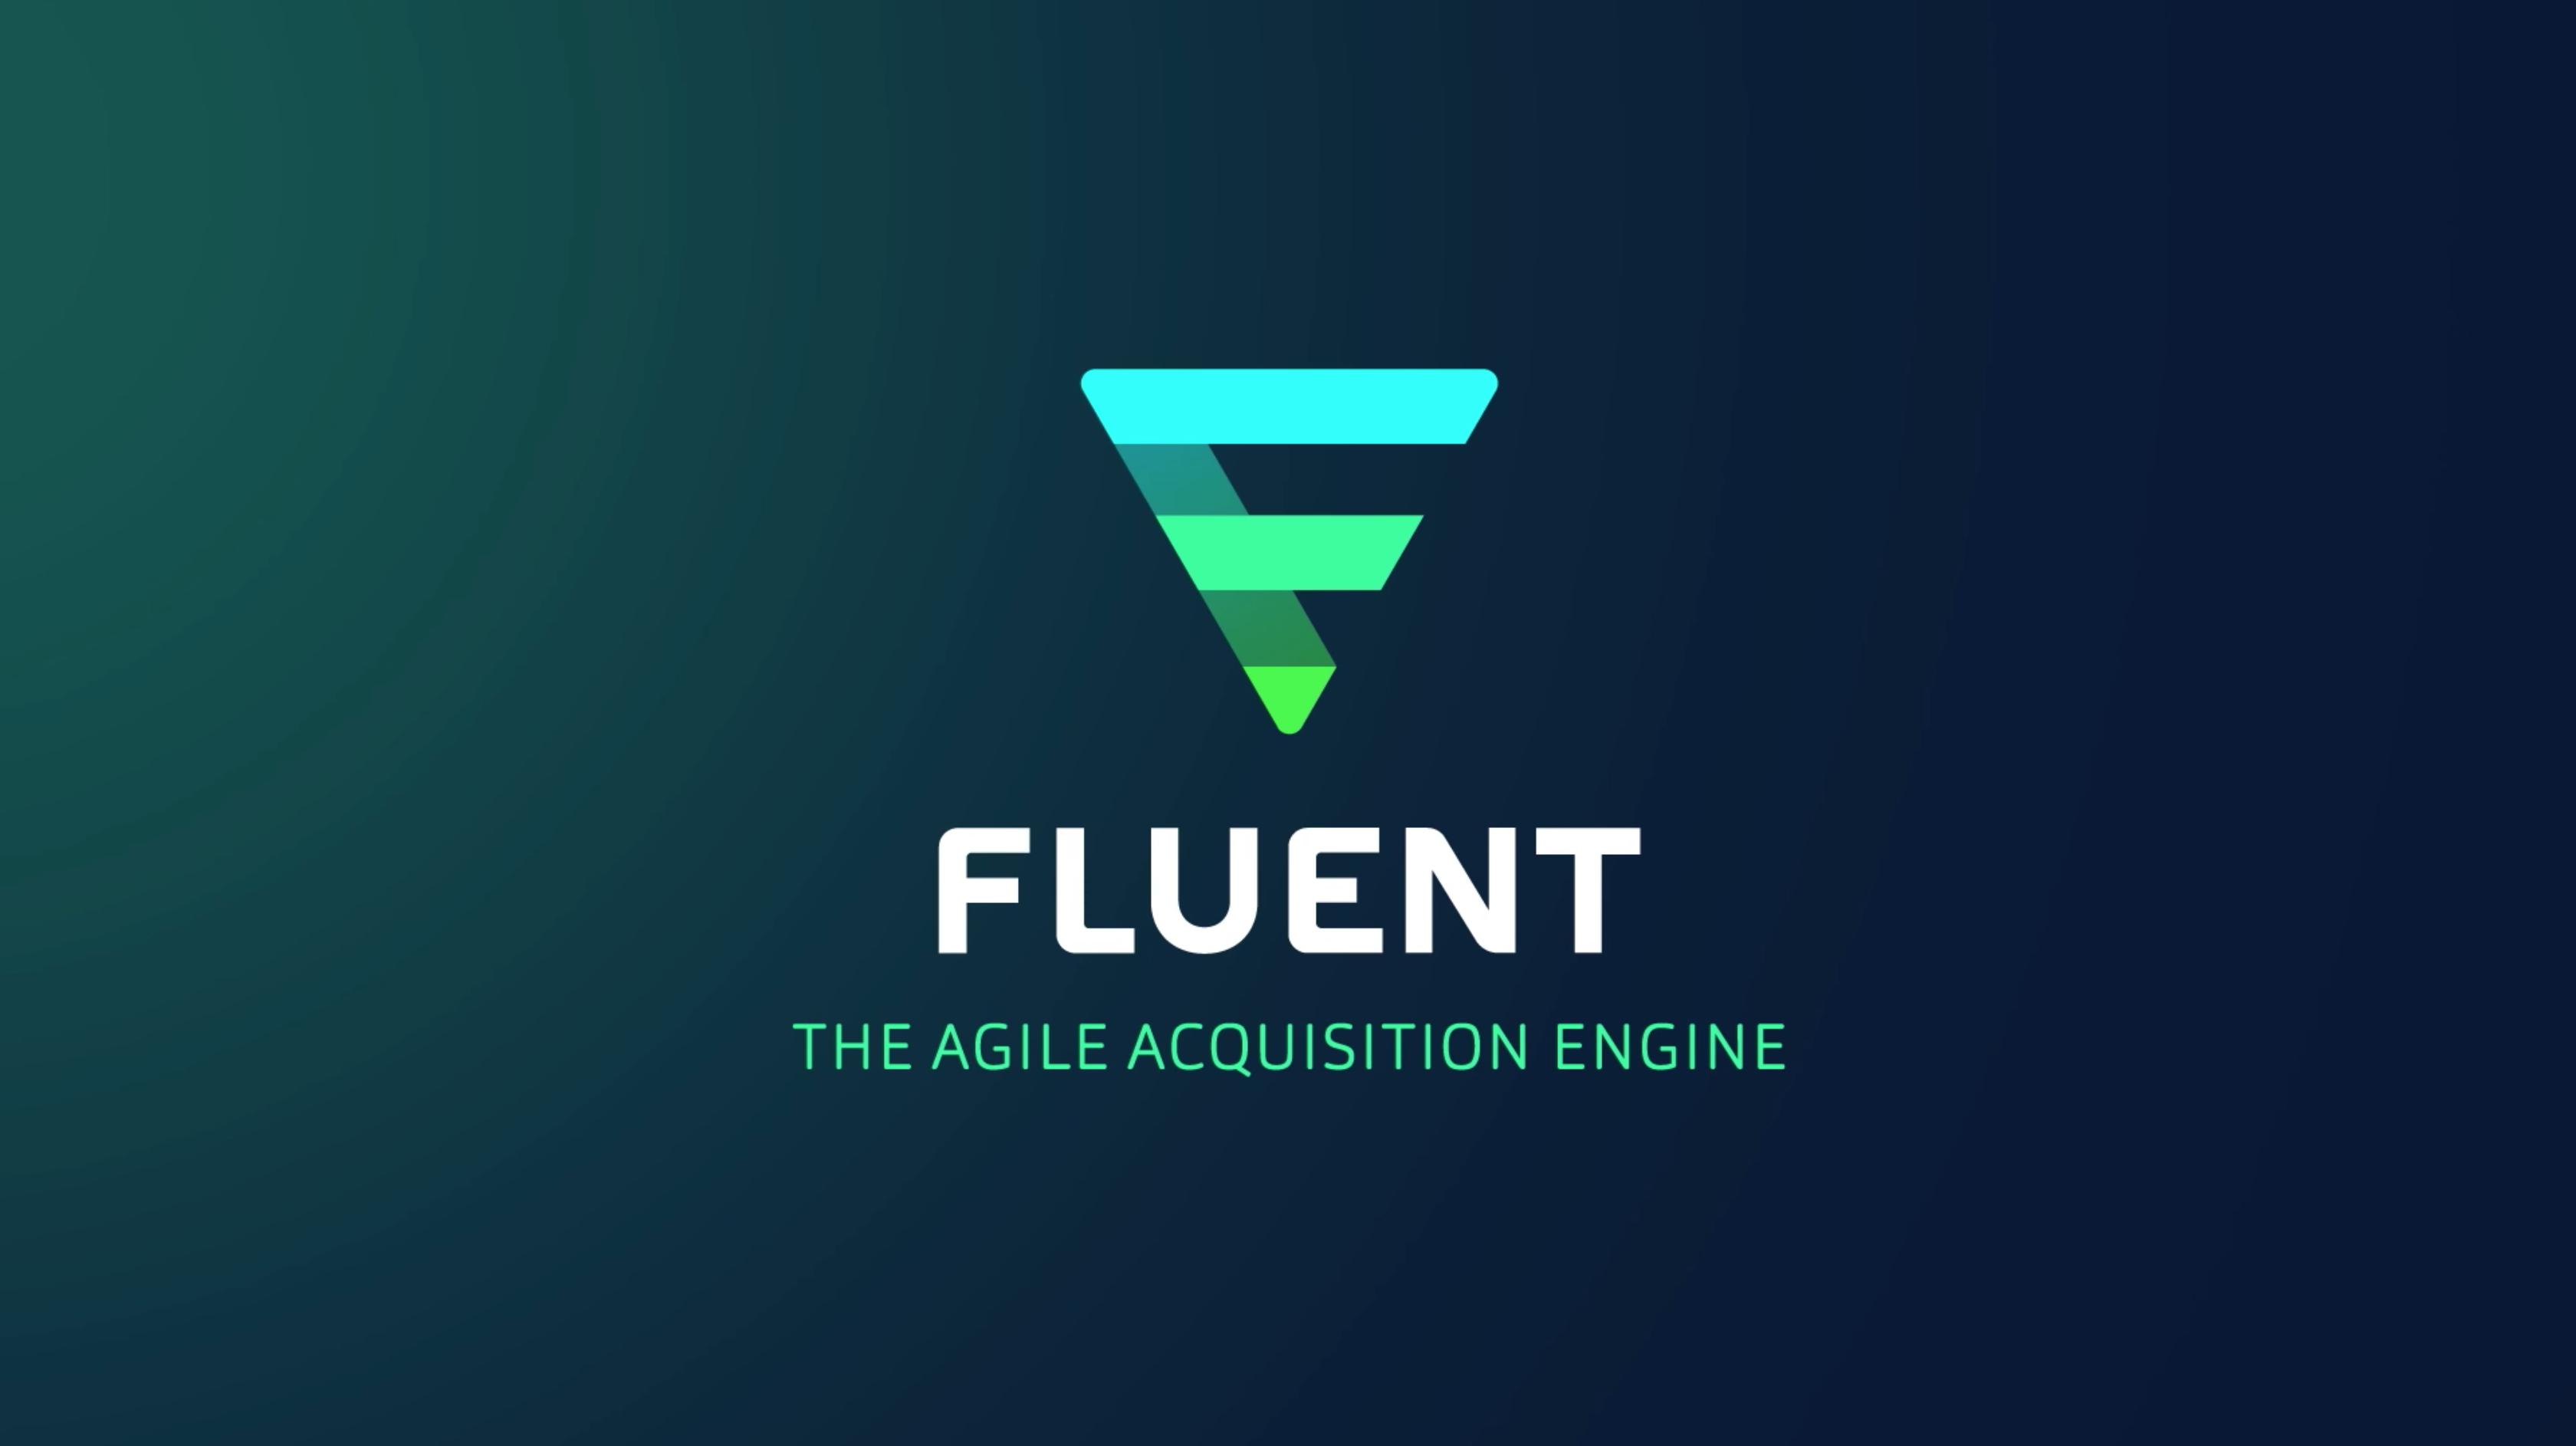 Fluent: The Agile Acquisition Engine